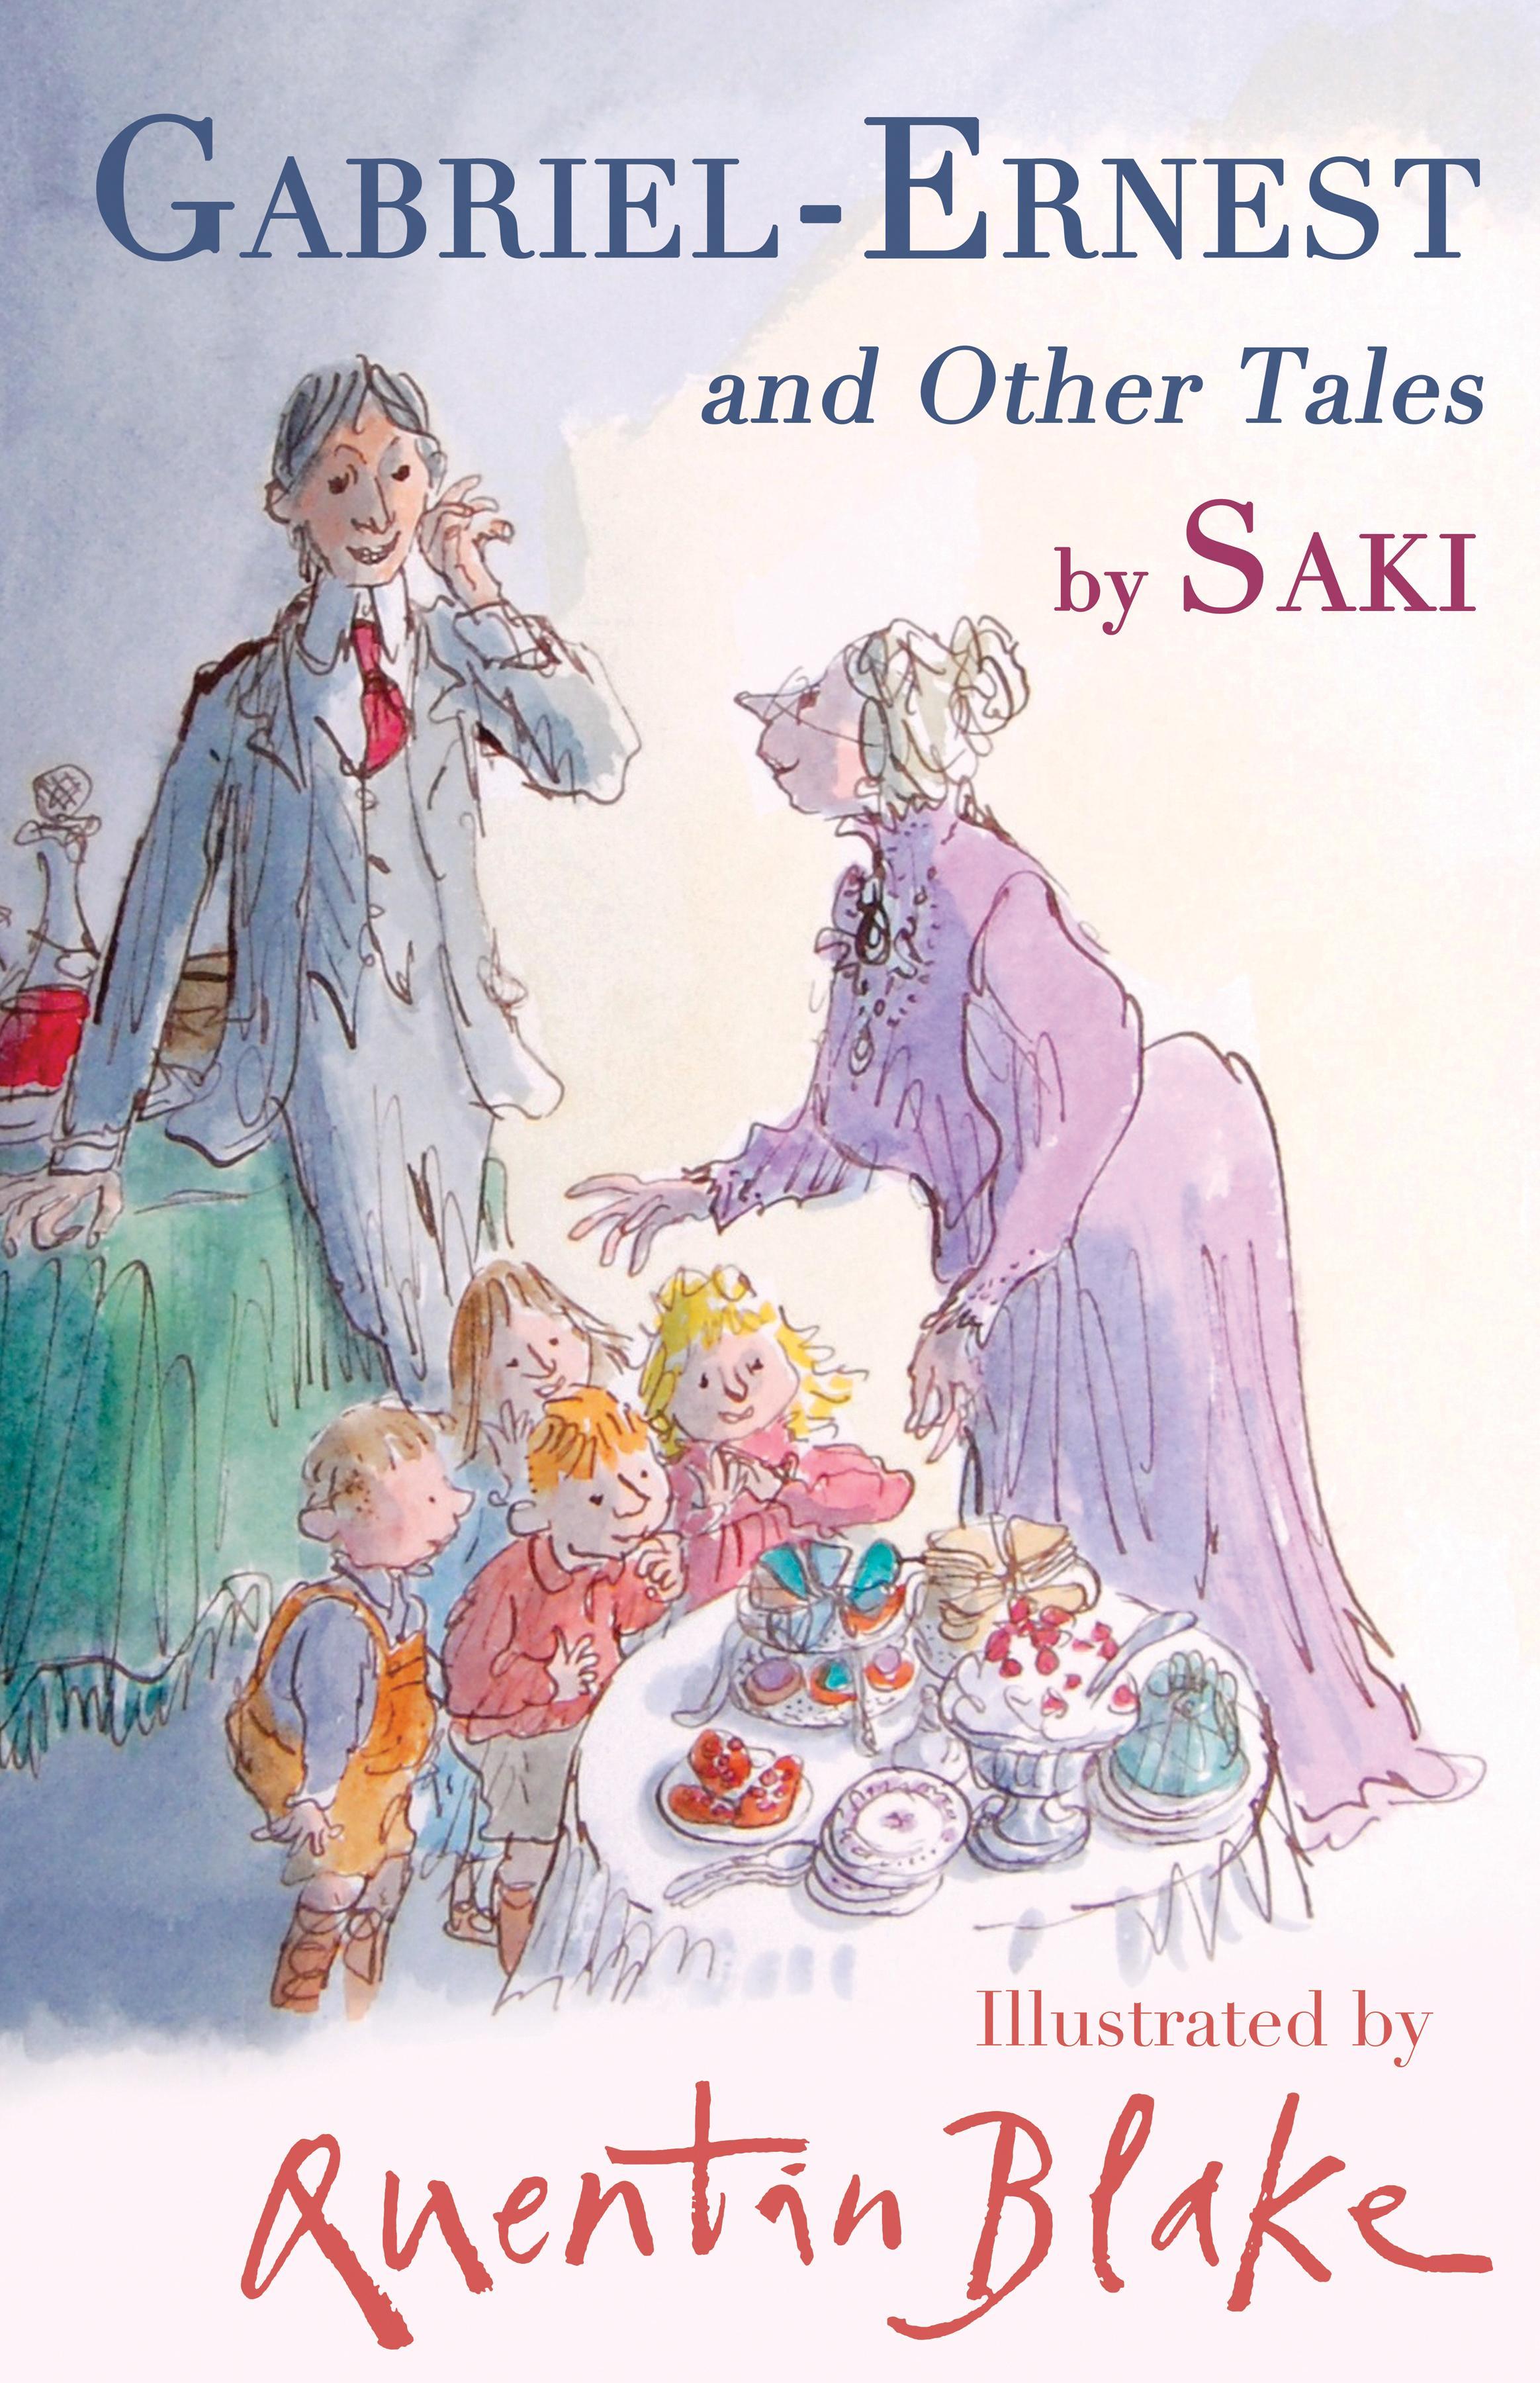 Innocence gone wild? 'Gabriel-Ernest' and feral children